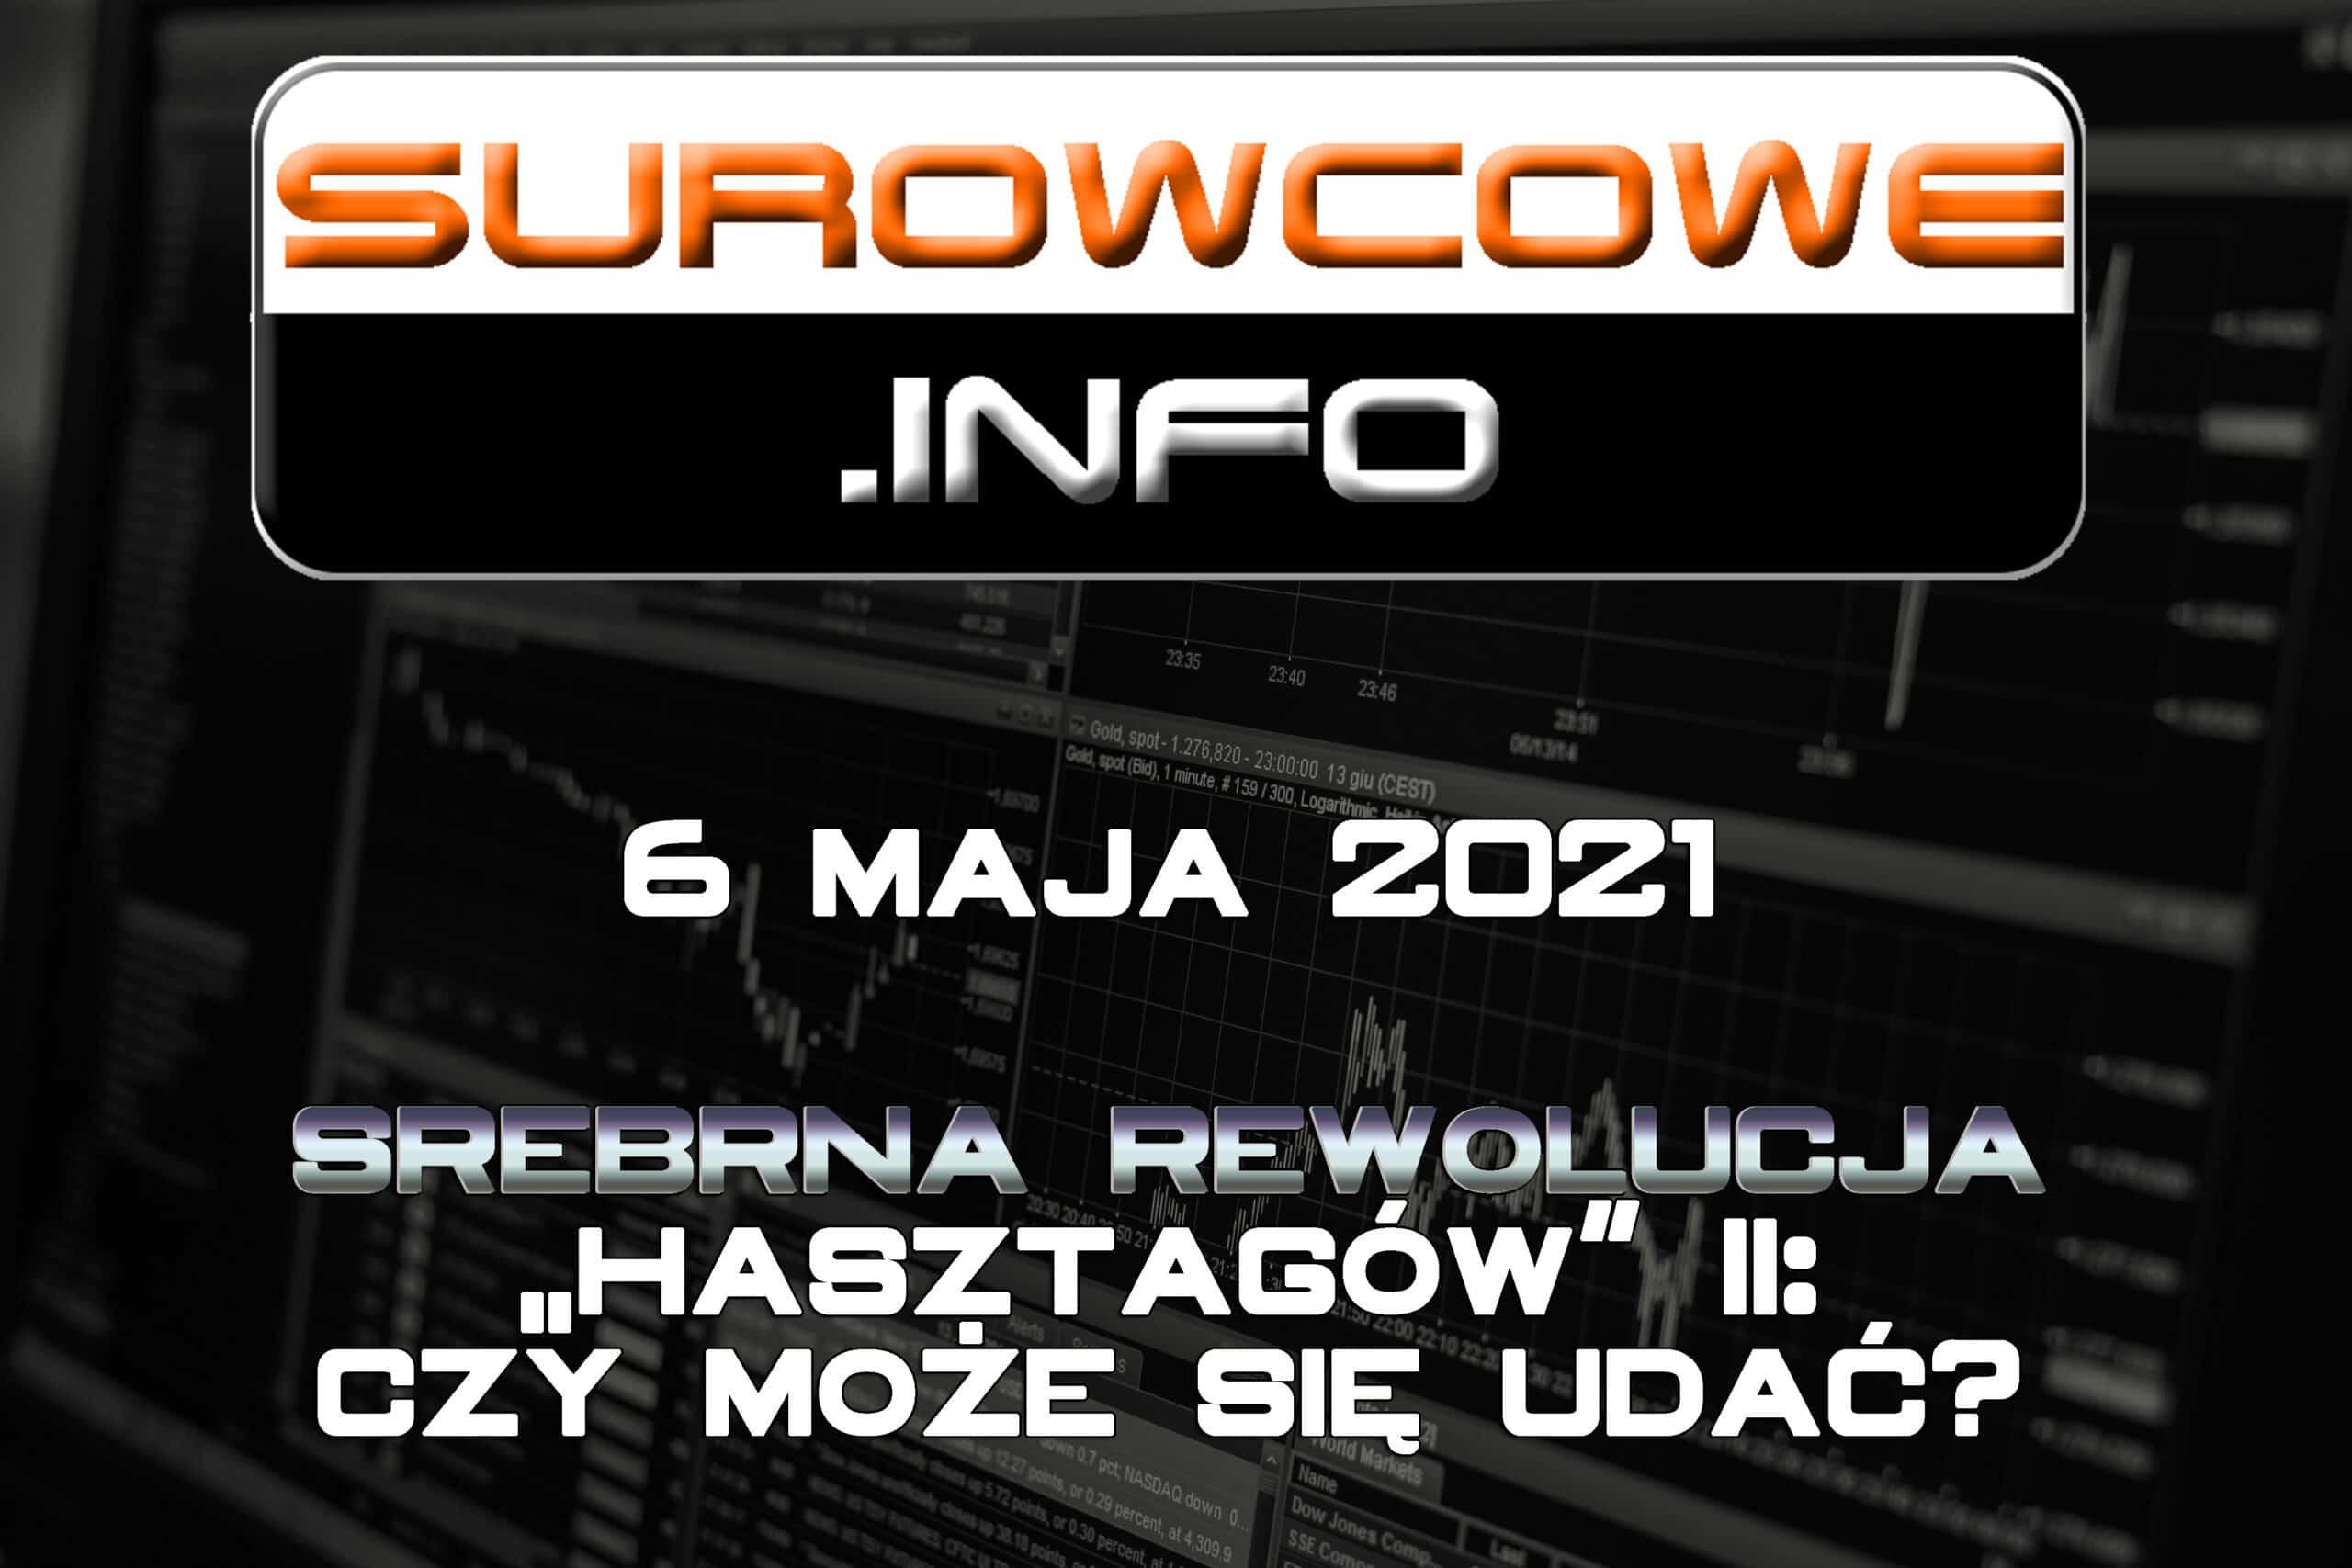 Surowcowe.info 6 maja 2021